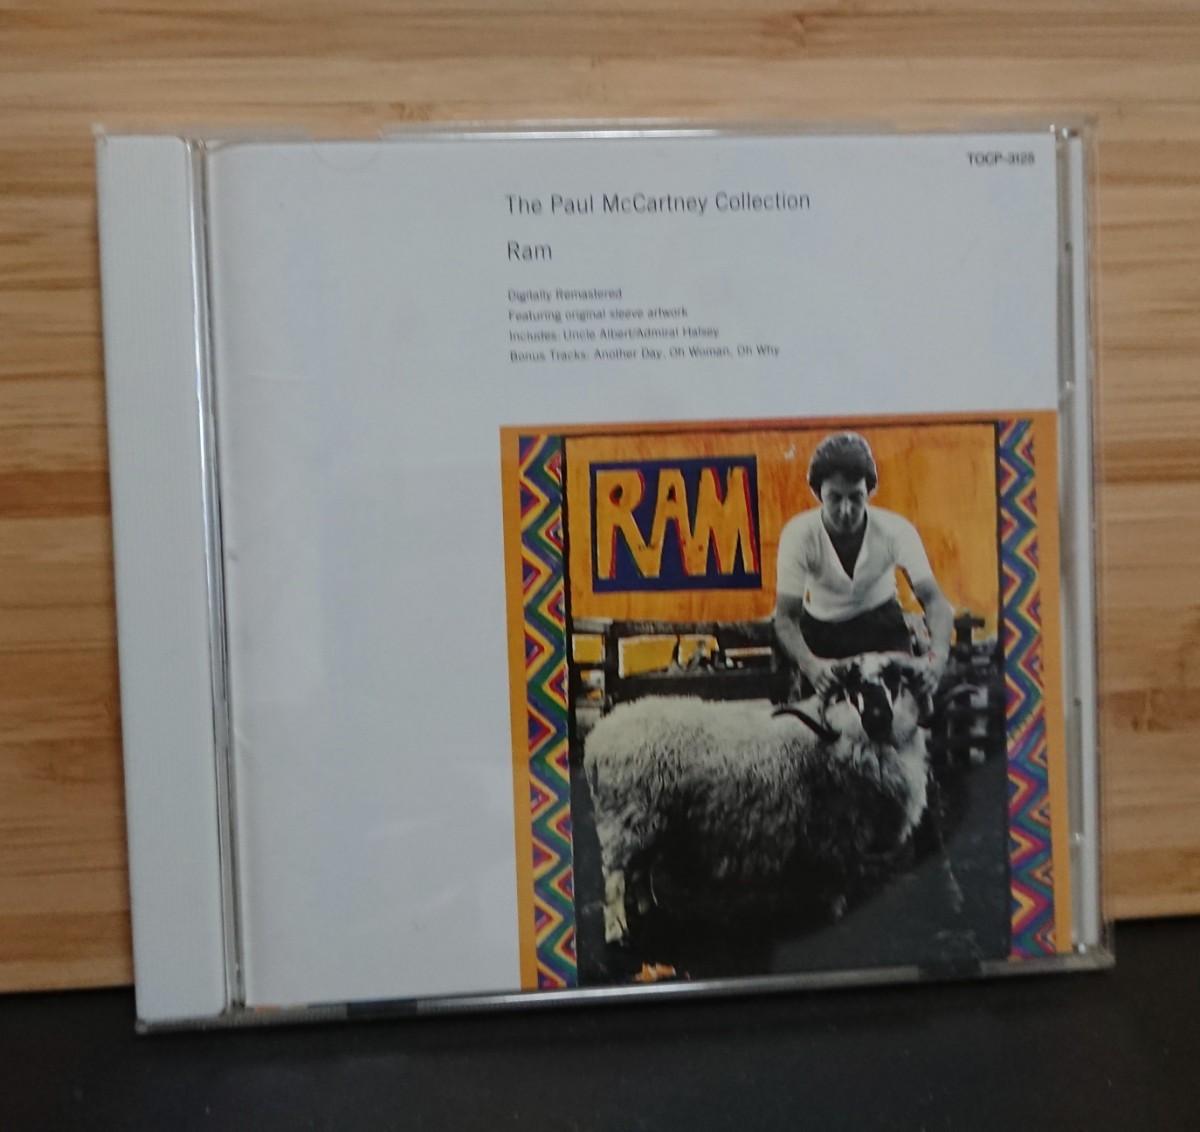 ポール・マッカートニー ラム RAM リマスター盤